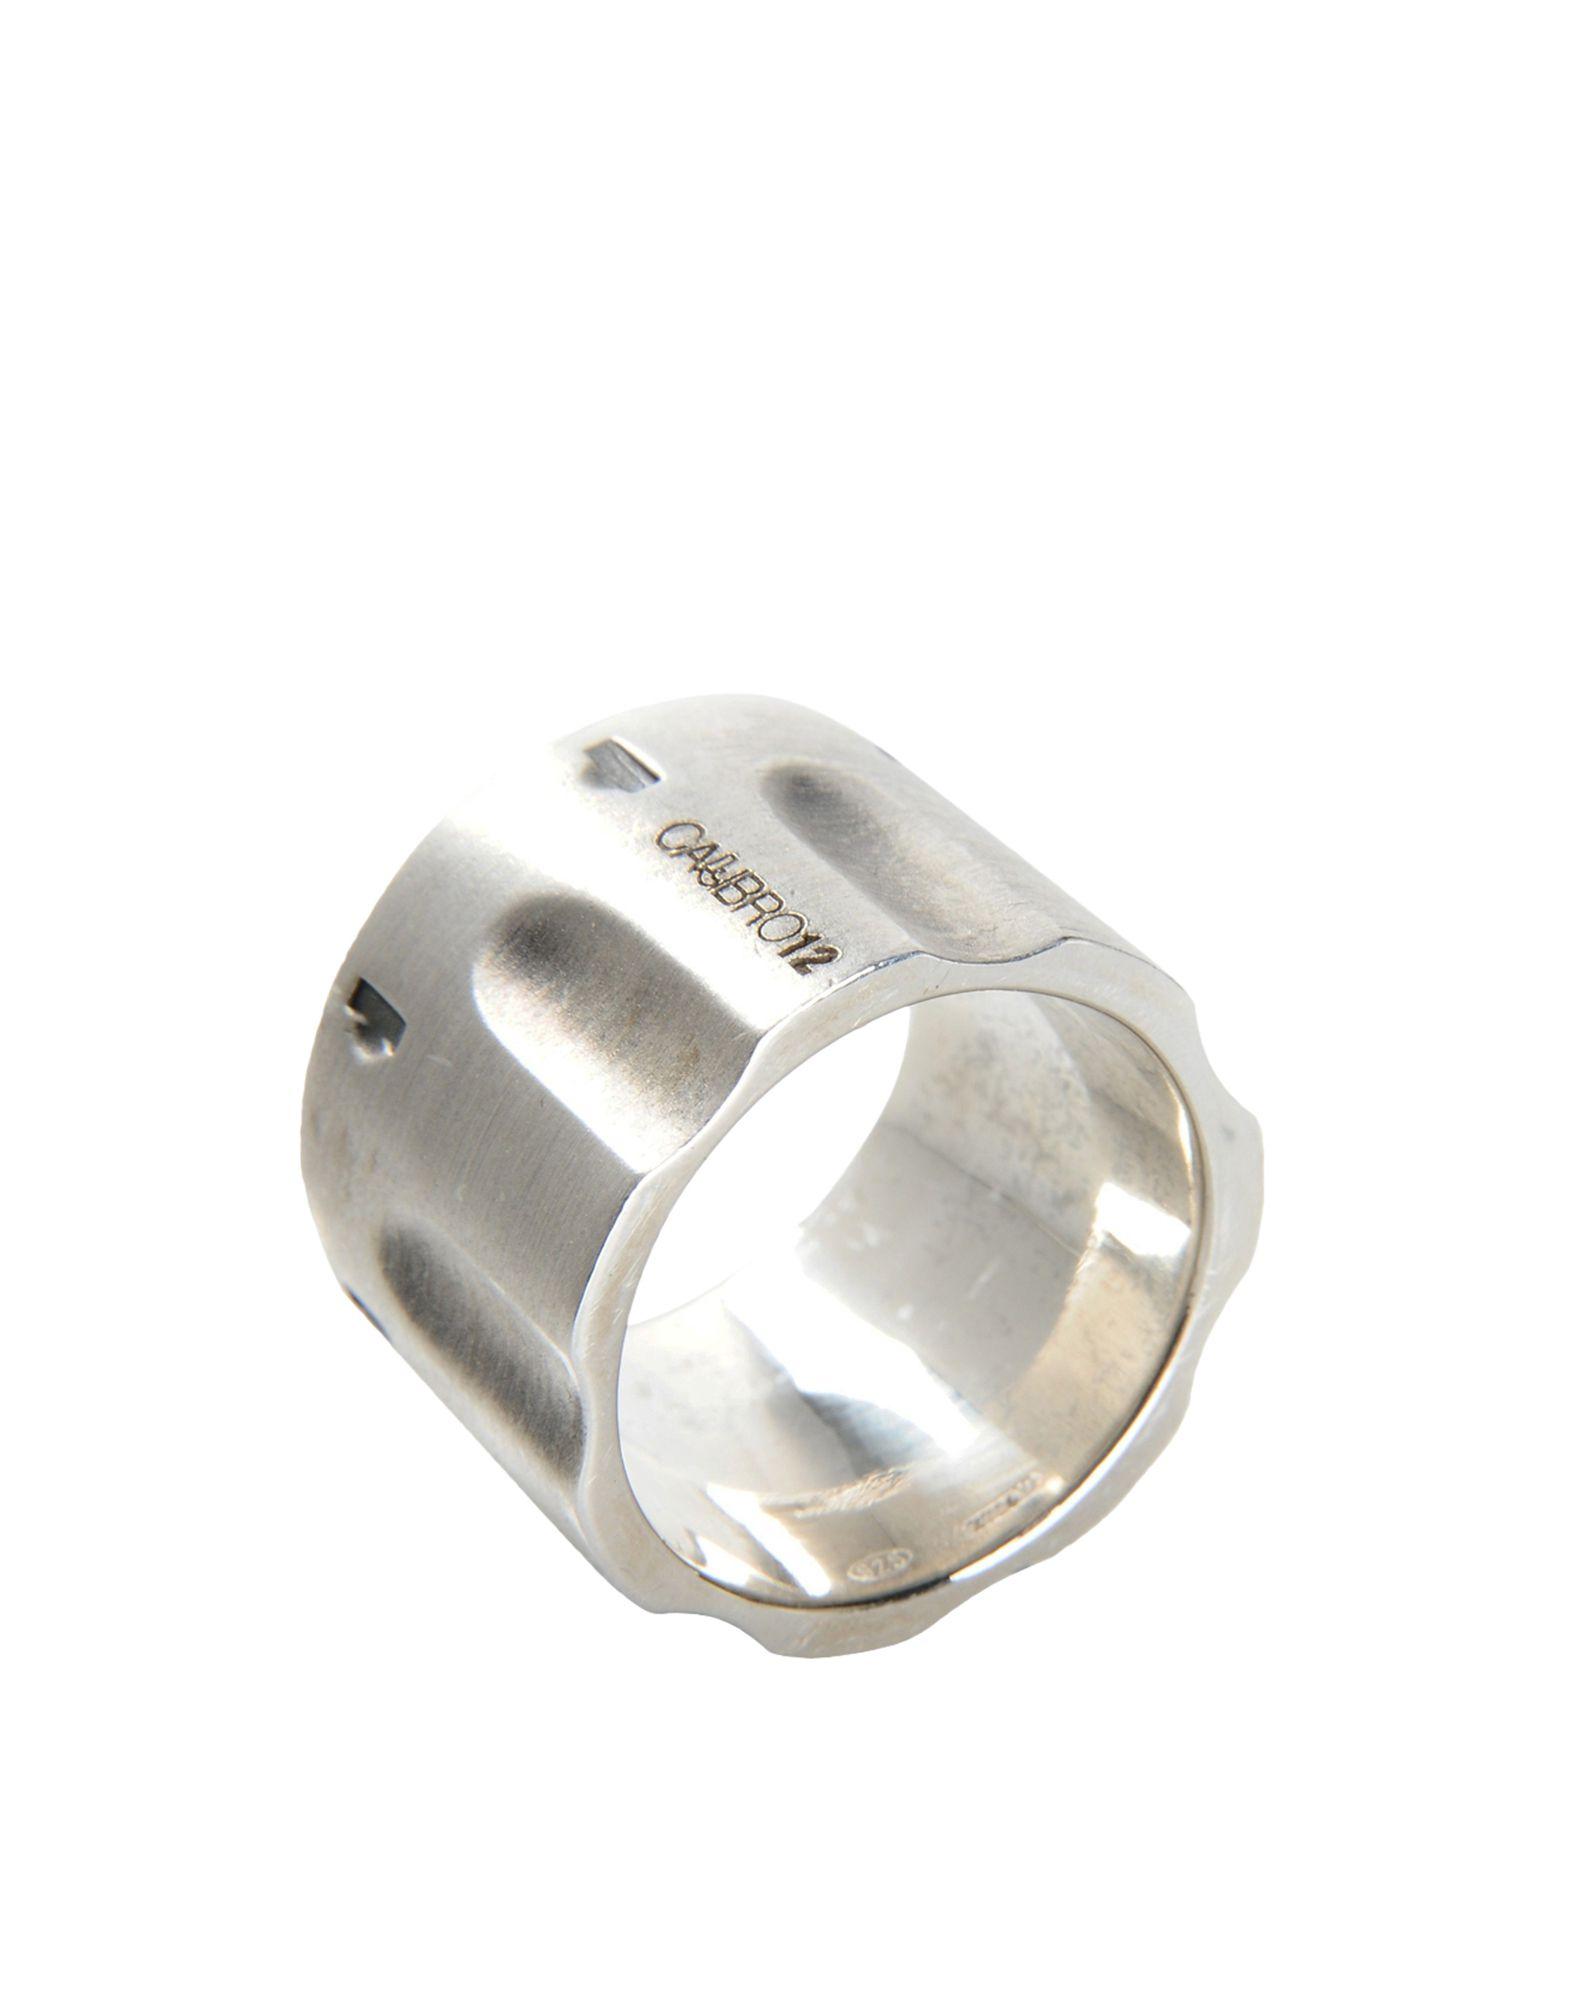 《送料無料》FIRST PEOPLE FIRST レディース 指輪 シルバー M シルバー925/1000 REVOLVER